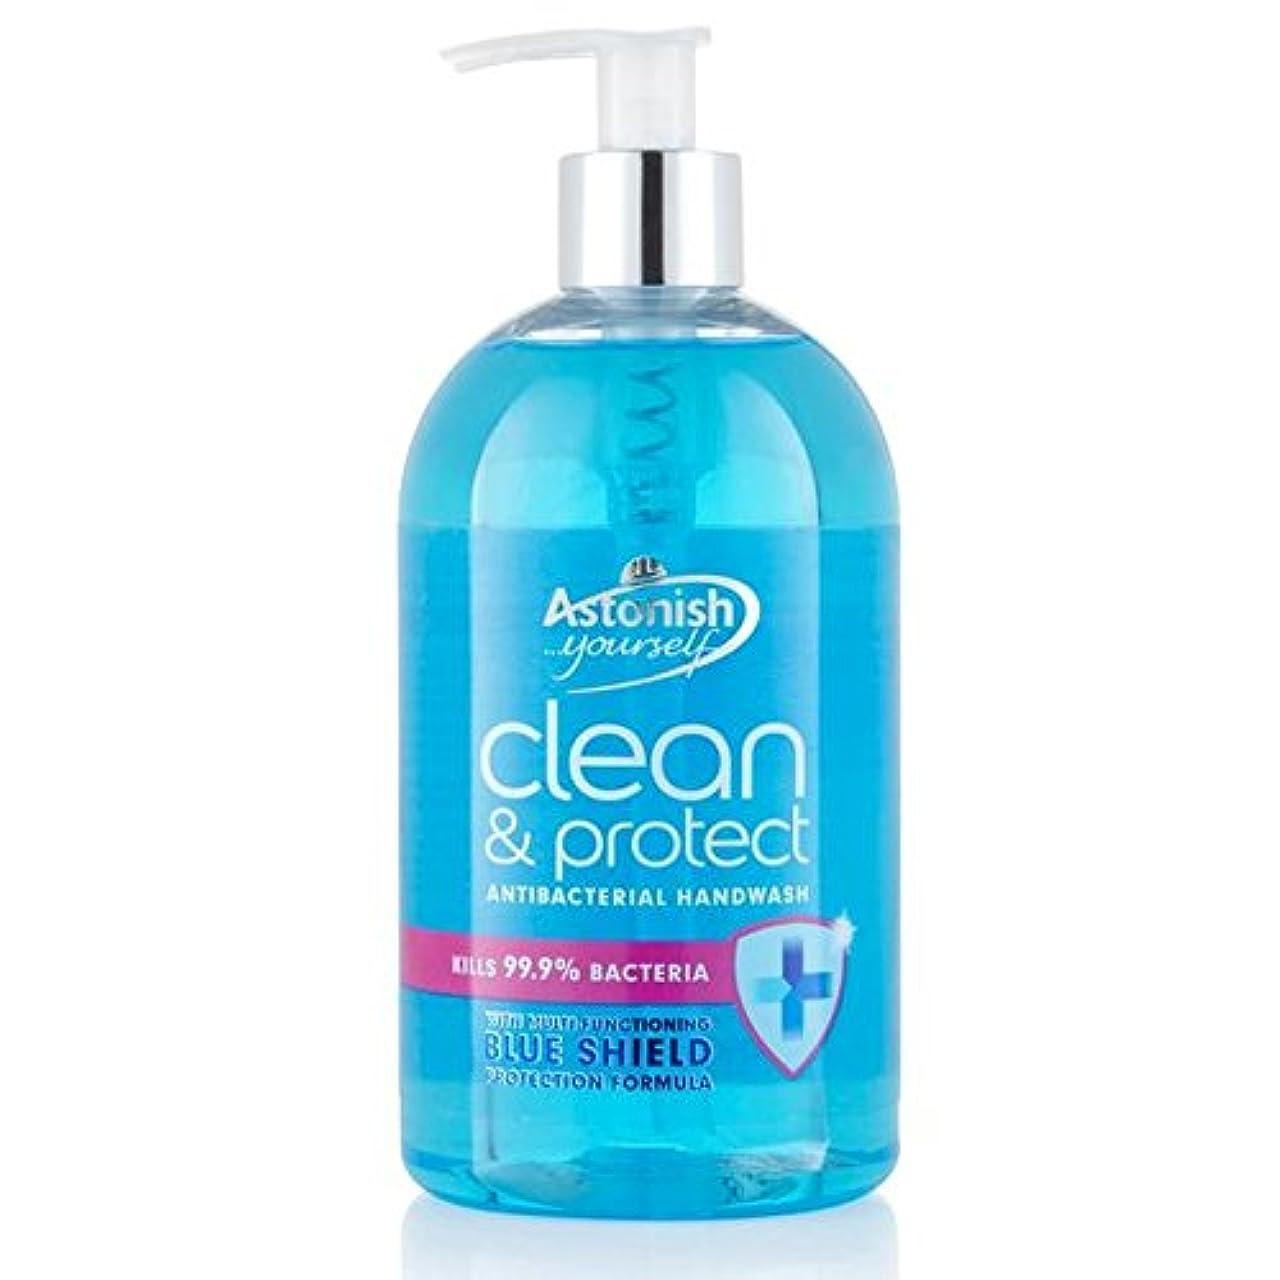 アイドル効率的に事故Astonish Clean & Protect Hand Wash 500ml - クリーン驚か&ハンドウォッシュ500ミリリットルを保護 [並行輸入品]